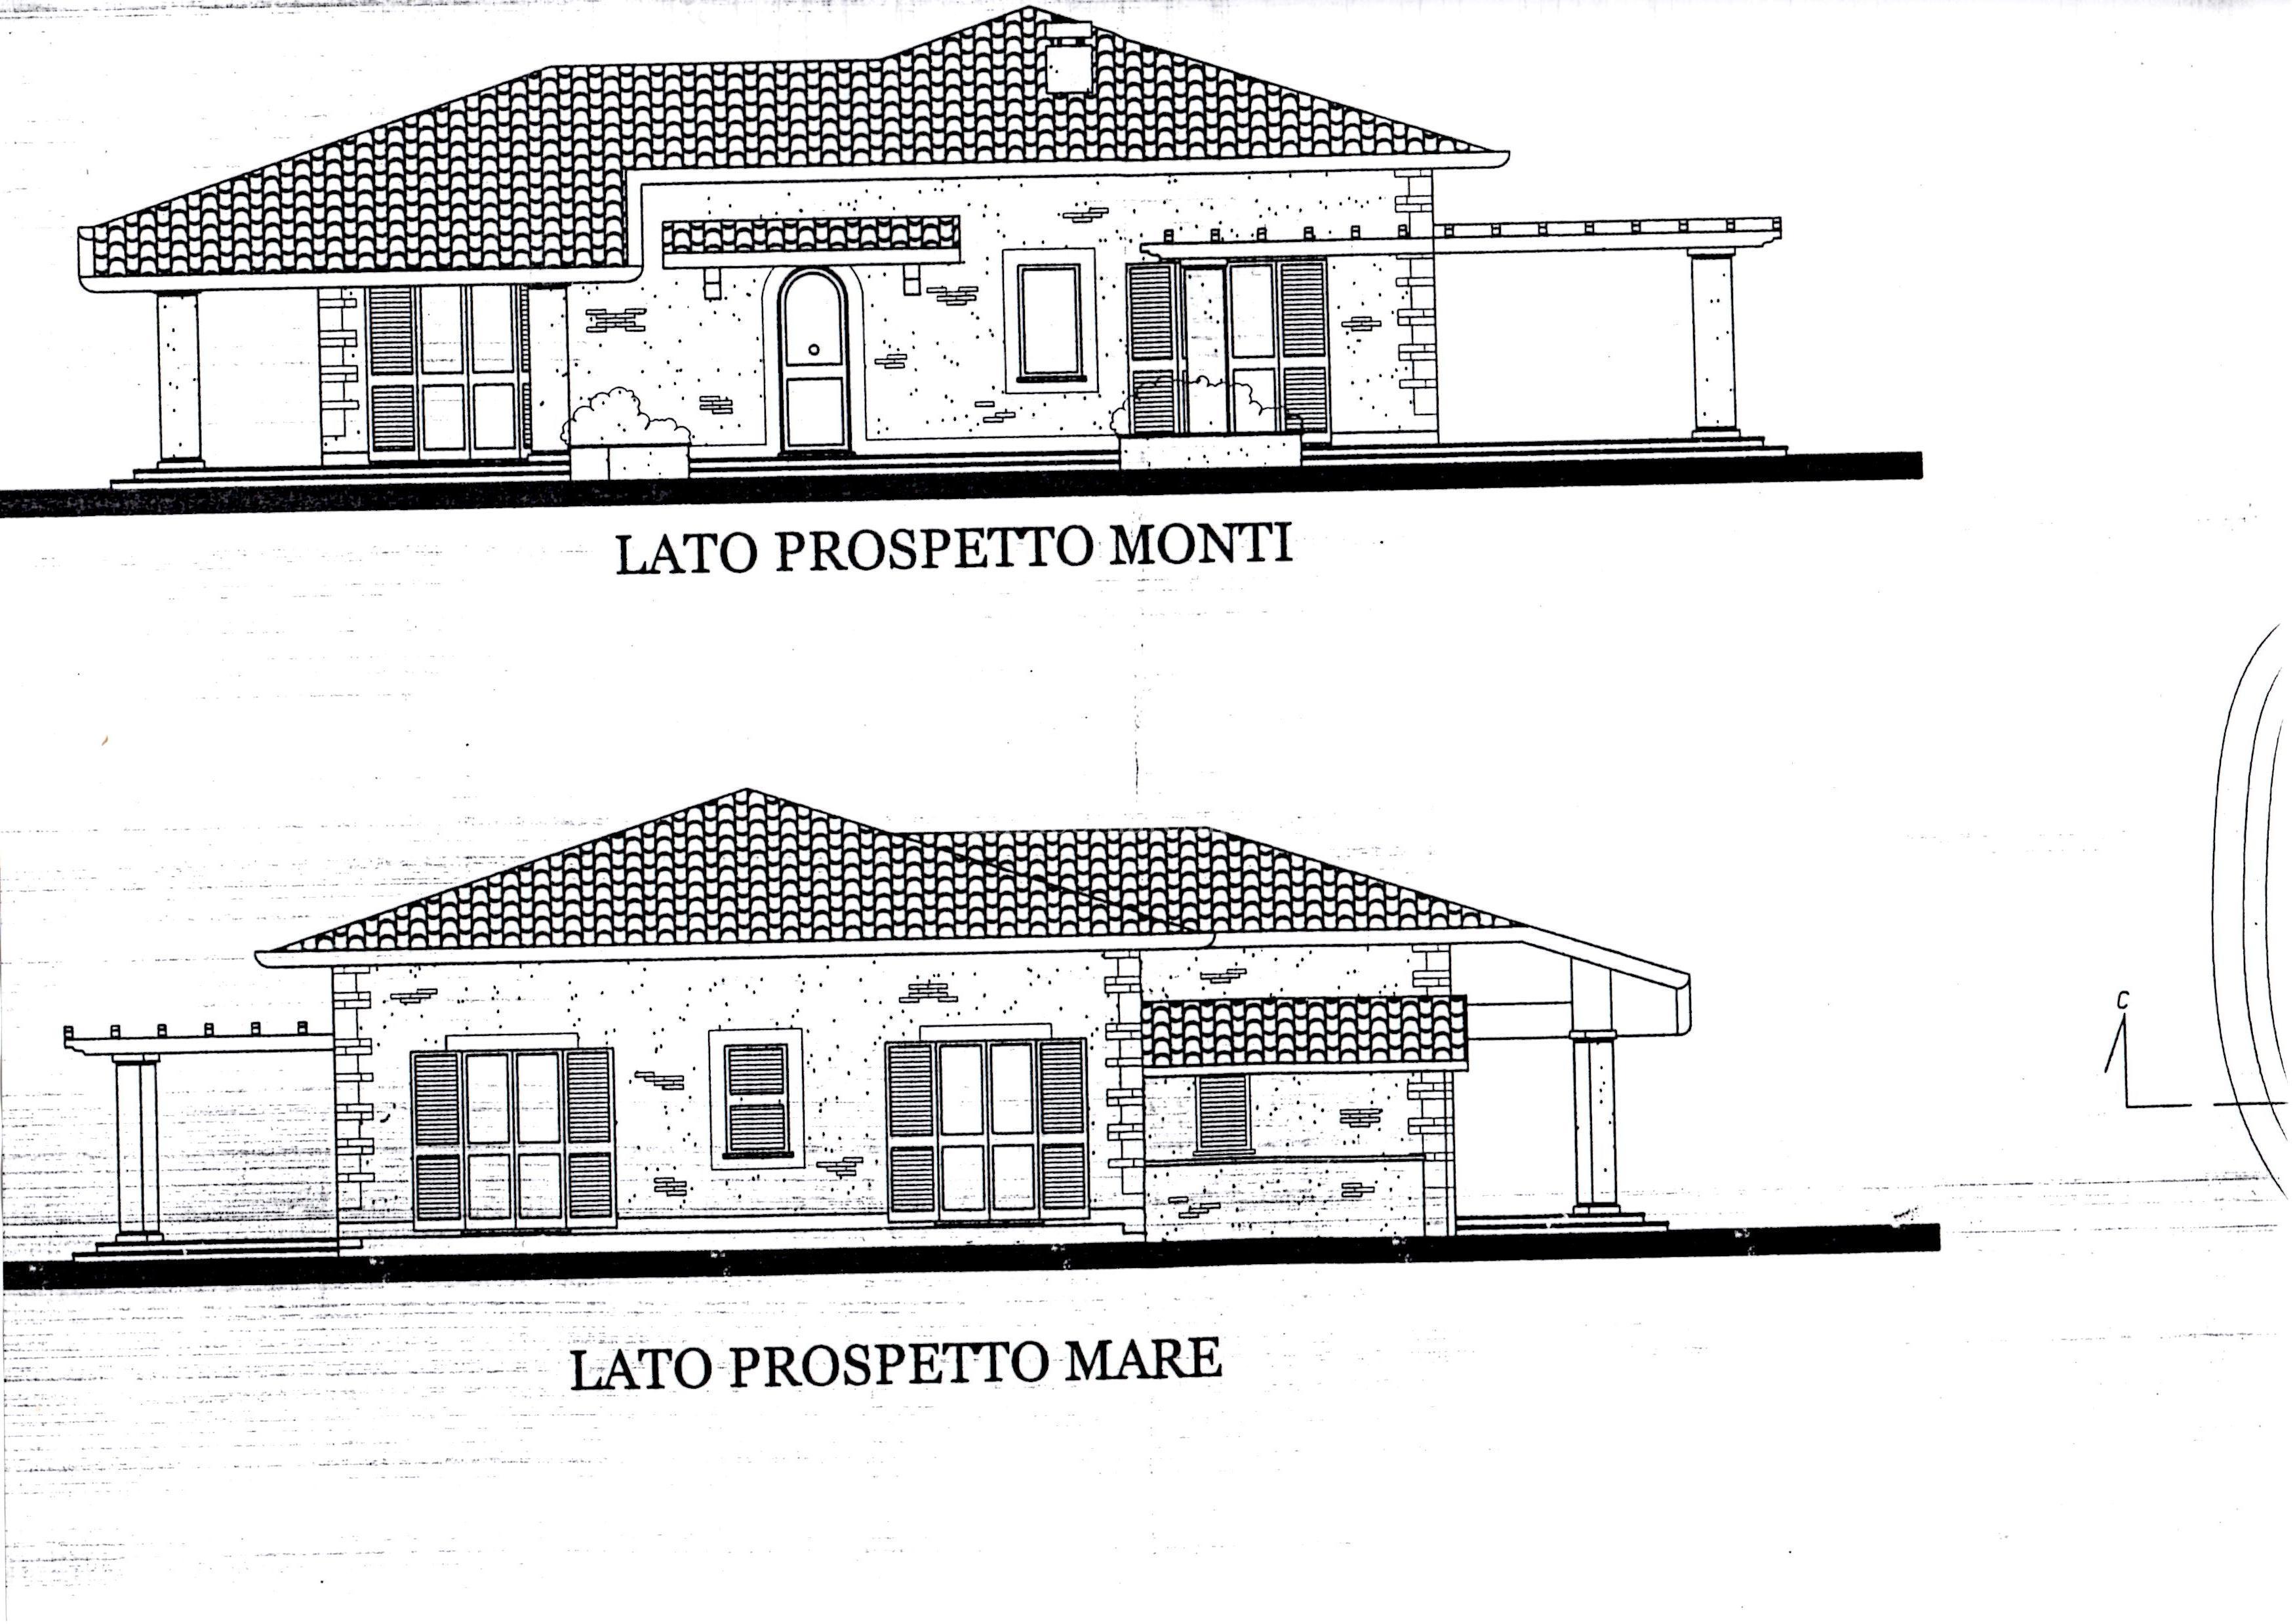 Prospetti ville pianta di circa mq dimensioni x with prospetti ville best prospetti ville with - Finestre prospetto ...